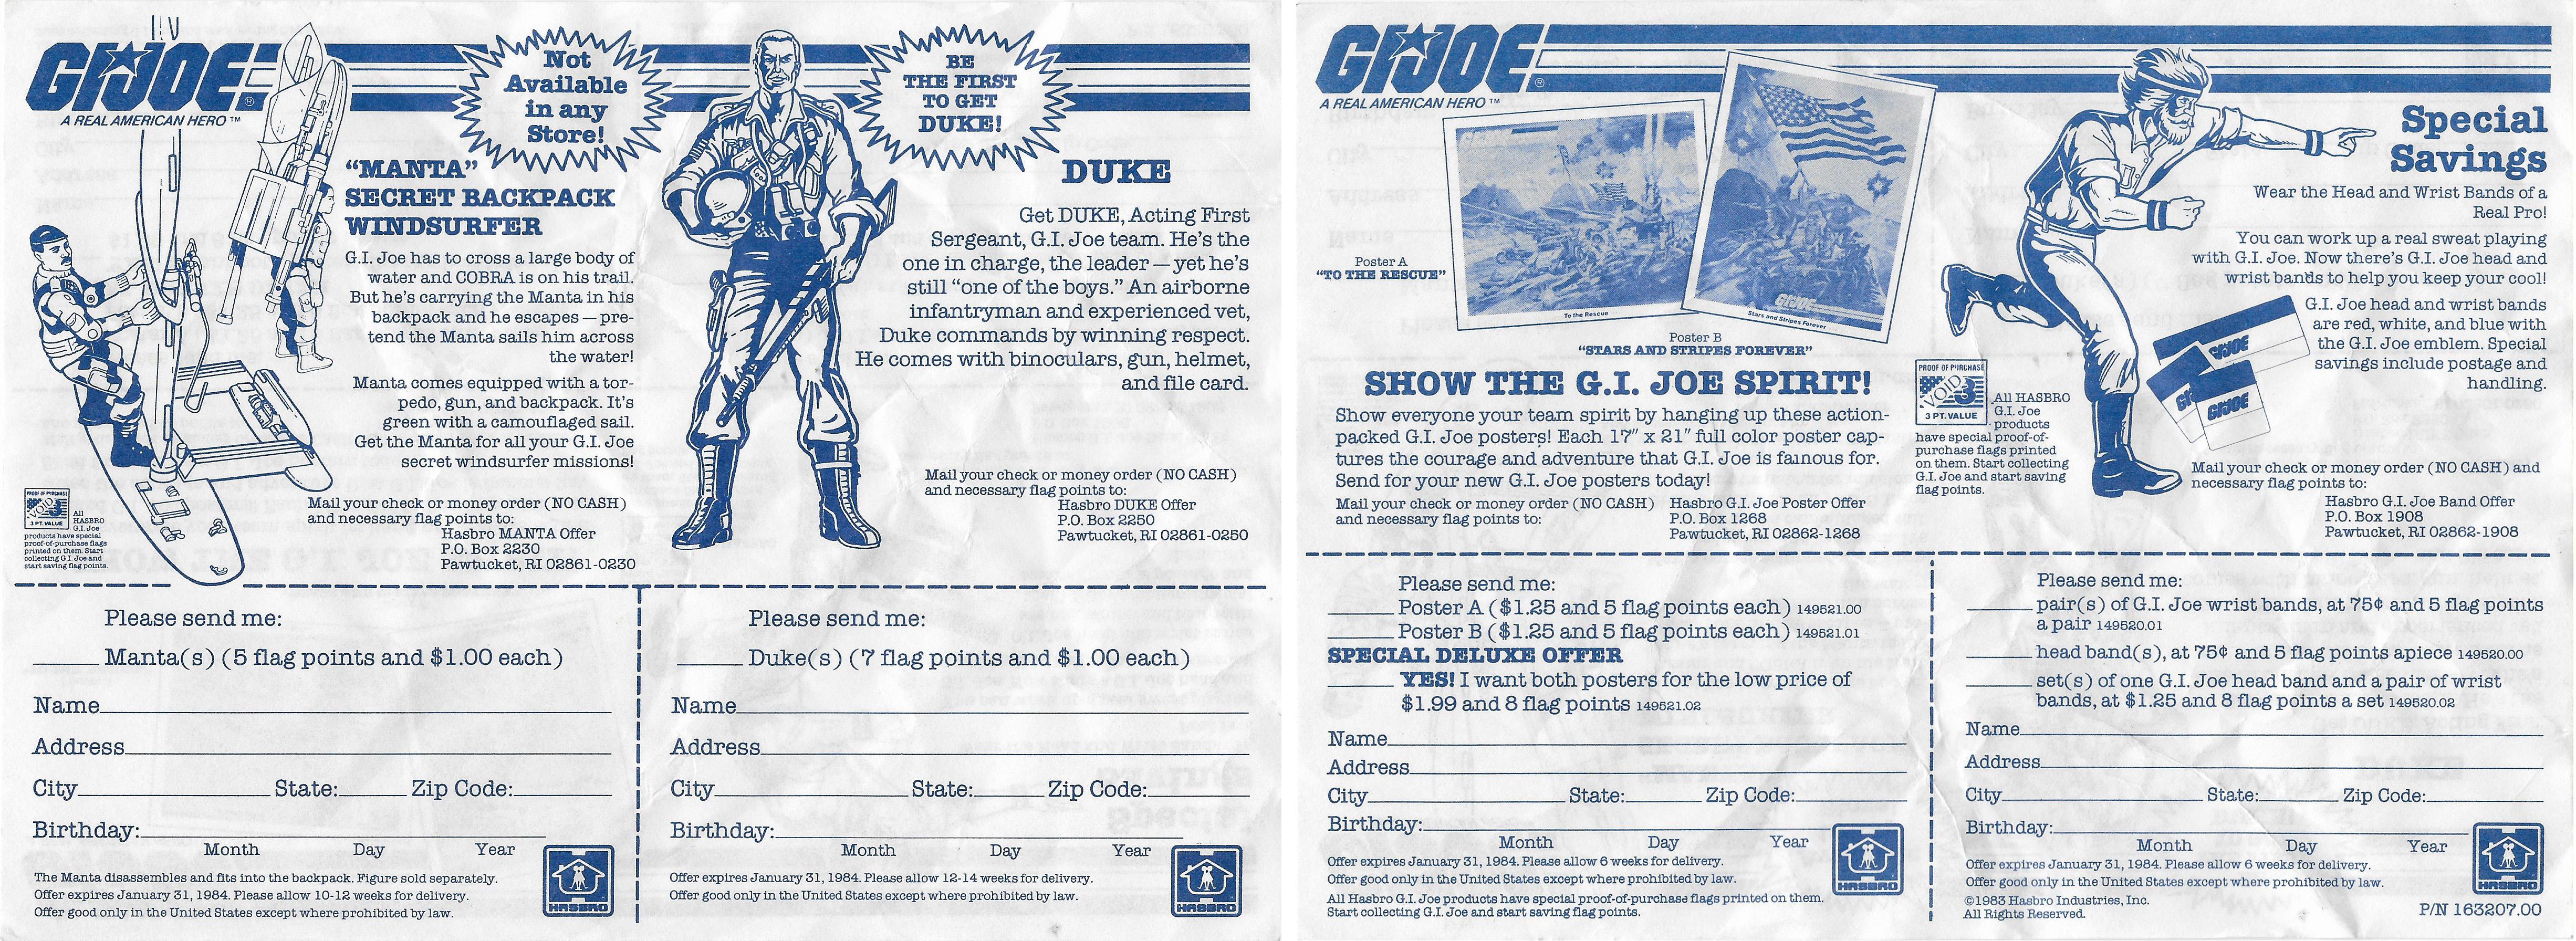 G I  Joe Manta Offer from 1983